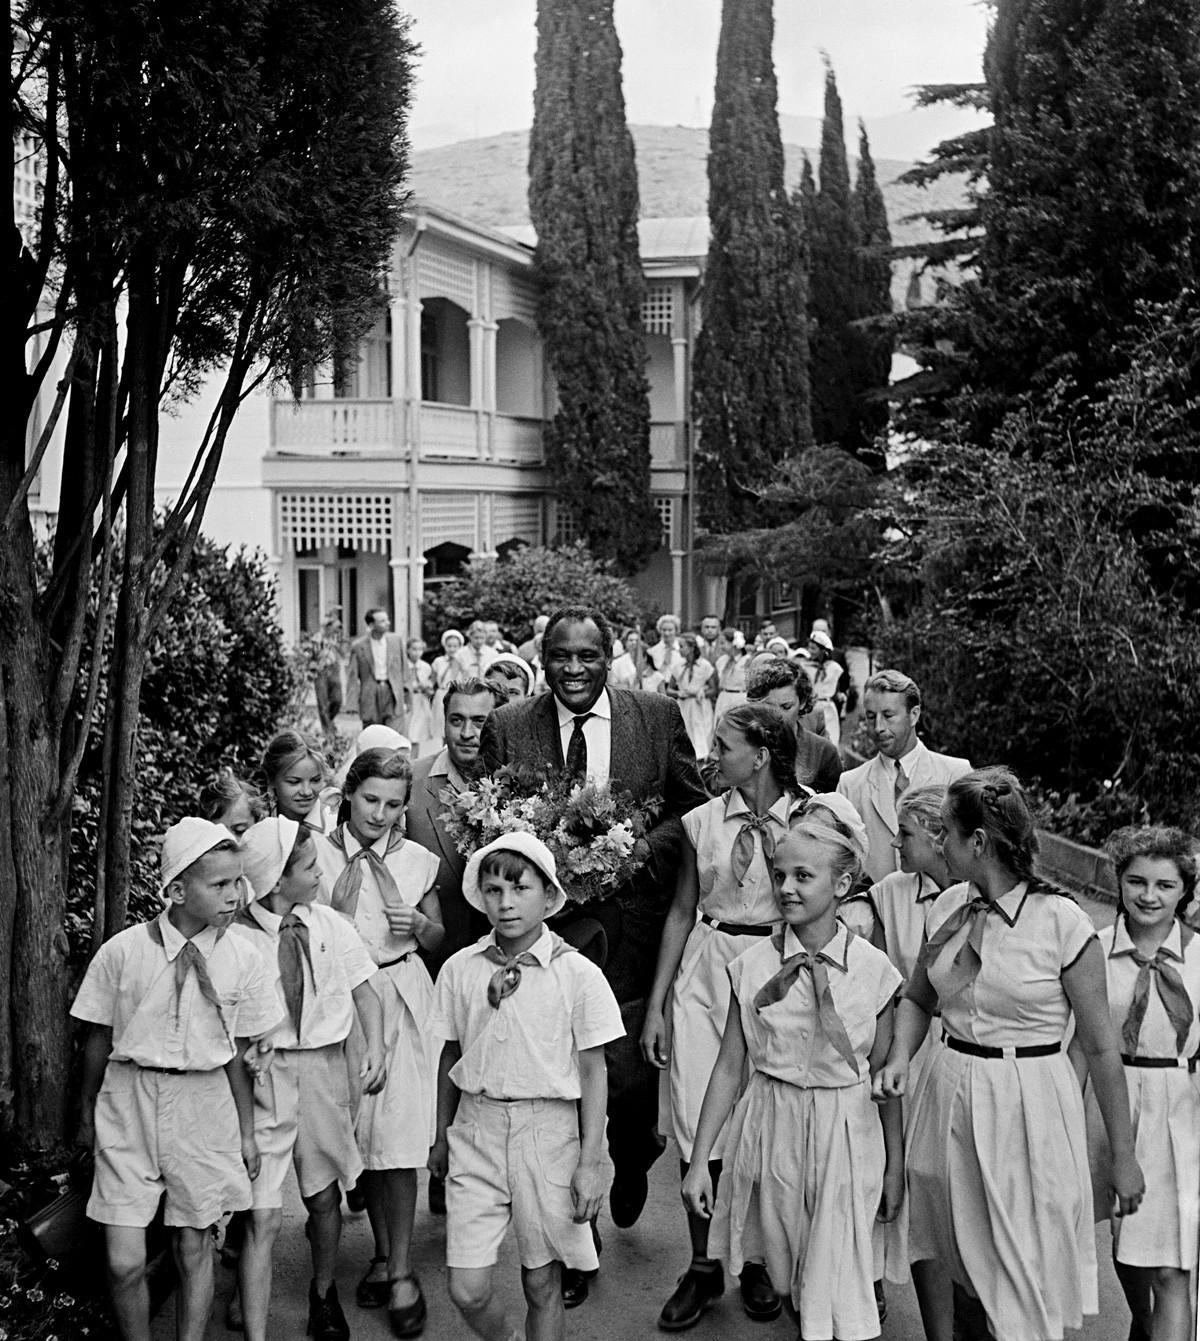 Robeson com pioneiros (movimento soviético equivalente ao dos escoteiros) no acampamento internacional Artek, na Crimeia.